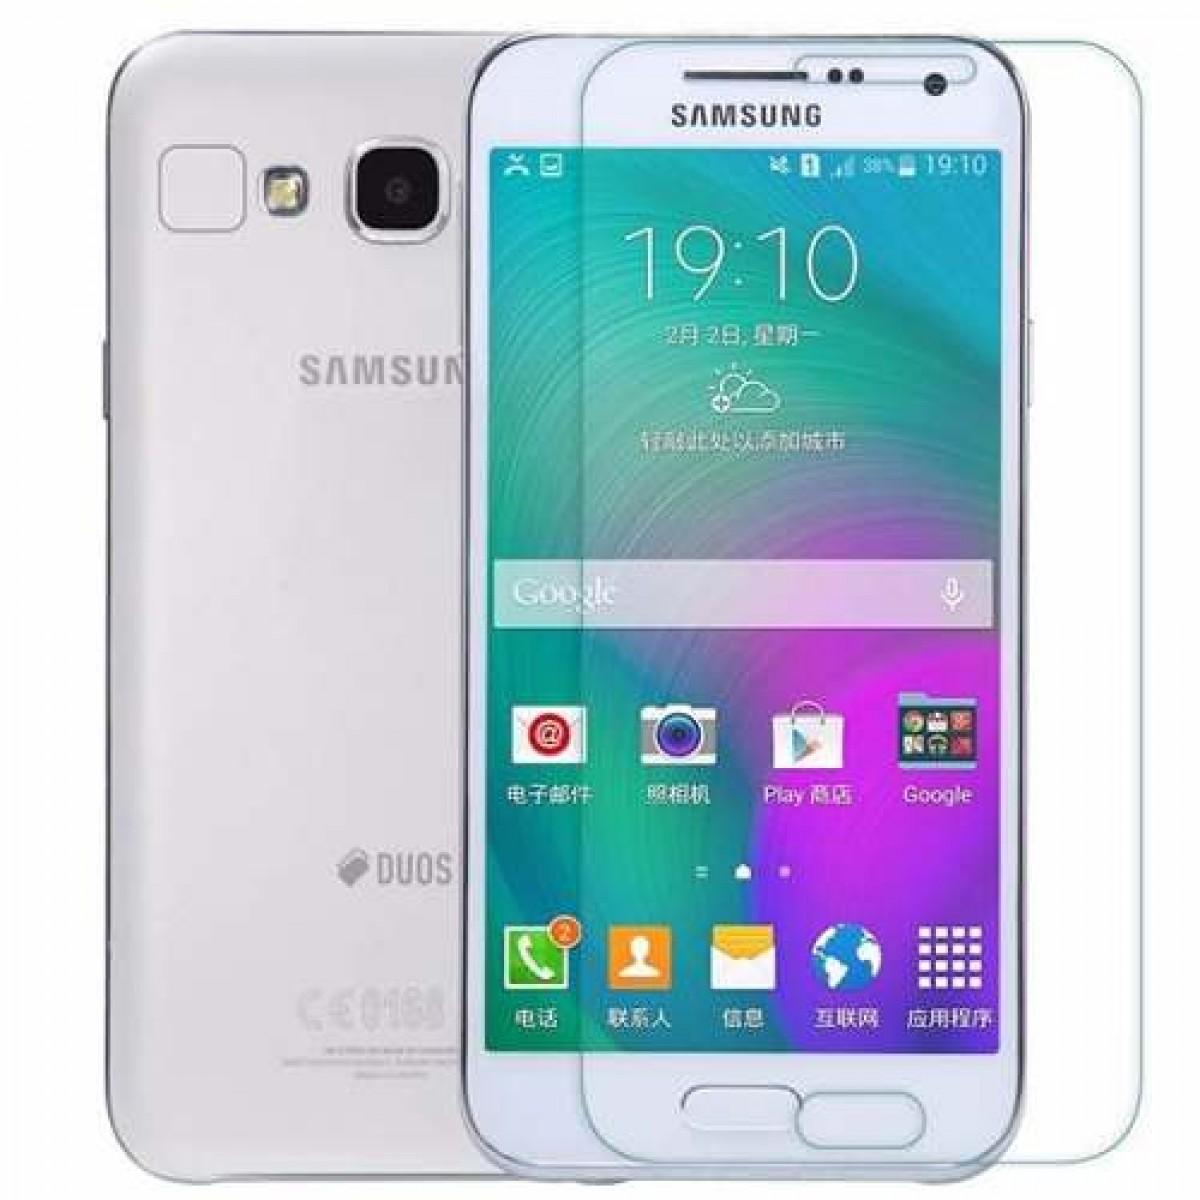 Muhuu Importados Pelcula Vidro Temperado Samsung Galaxy E5 E500